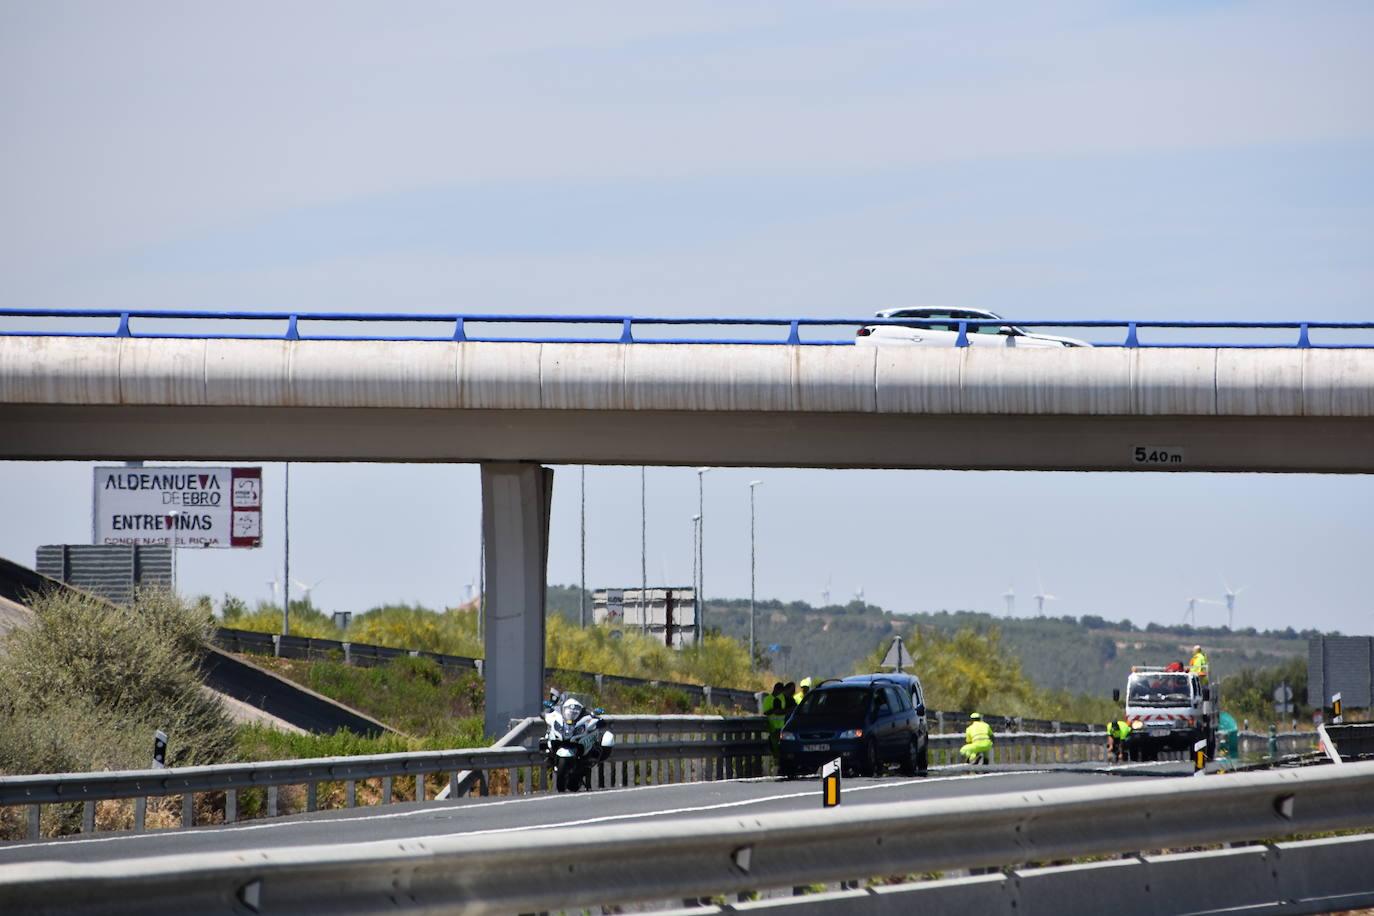 Accidente sin heridos en la N-232, en Aldeanueva de Ebro